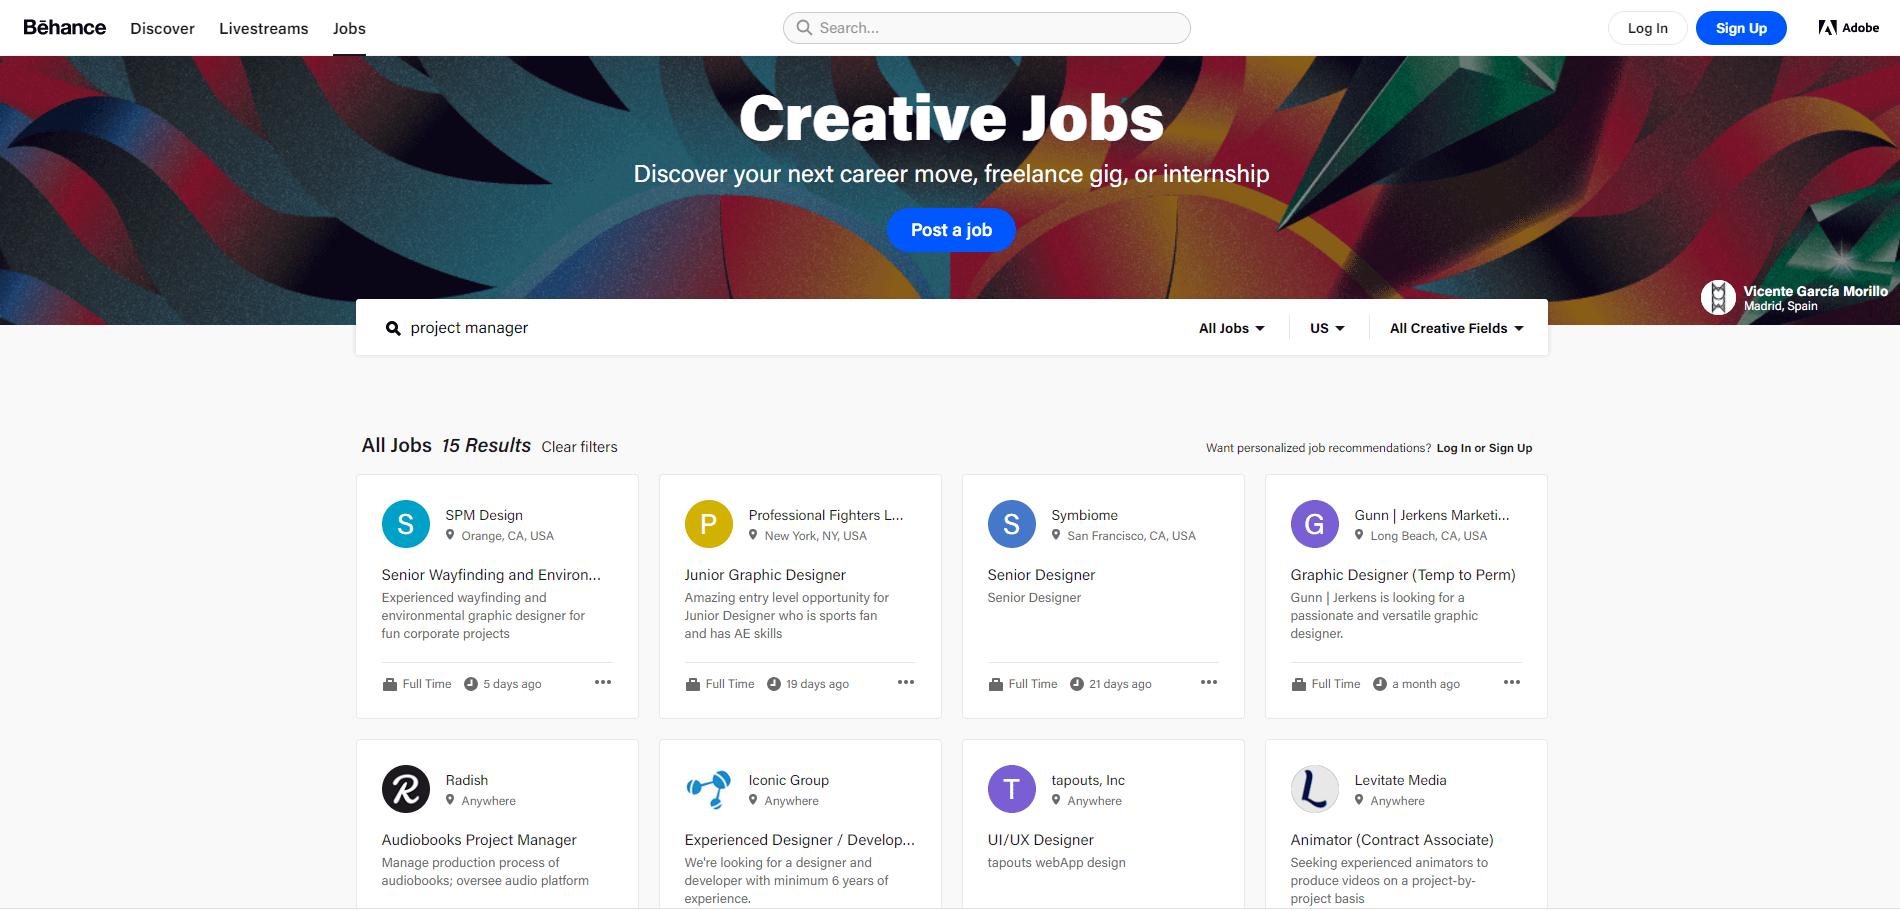 behance jobs